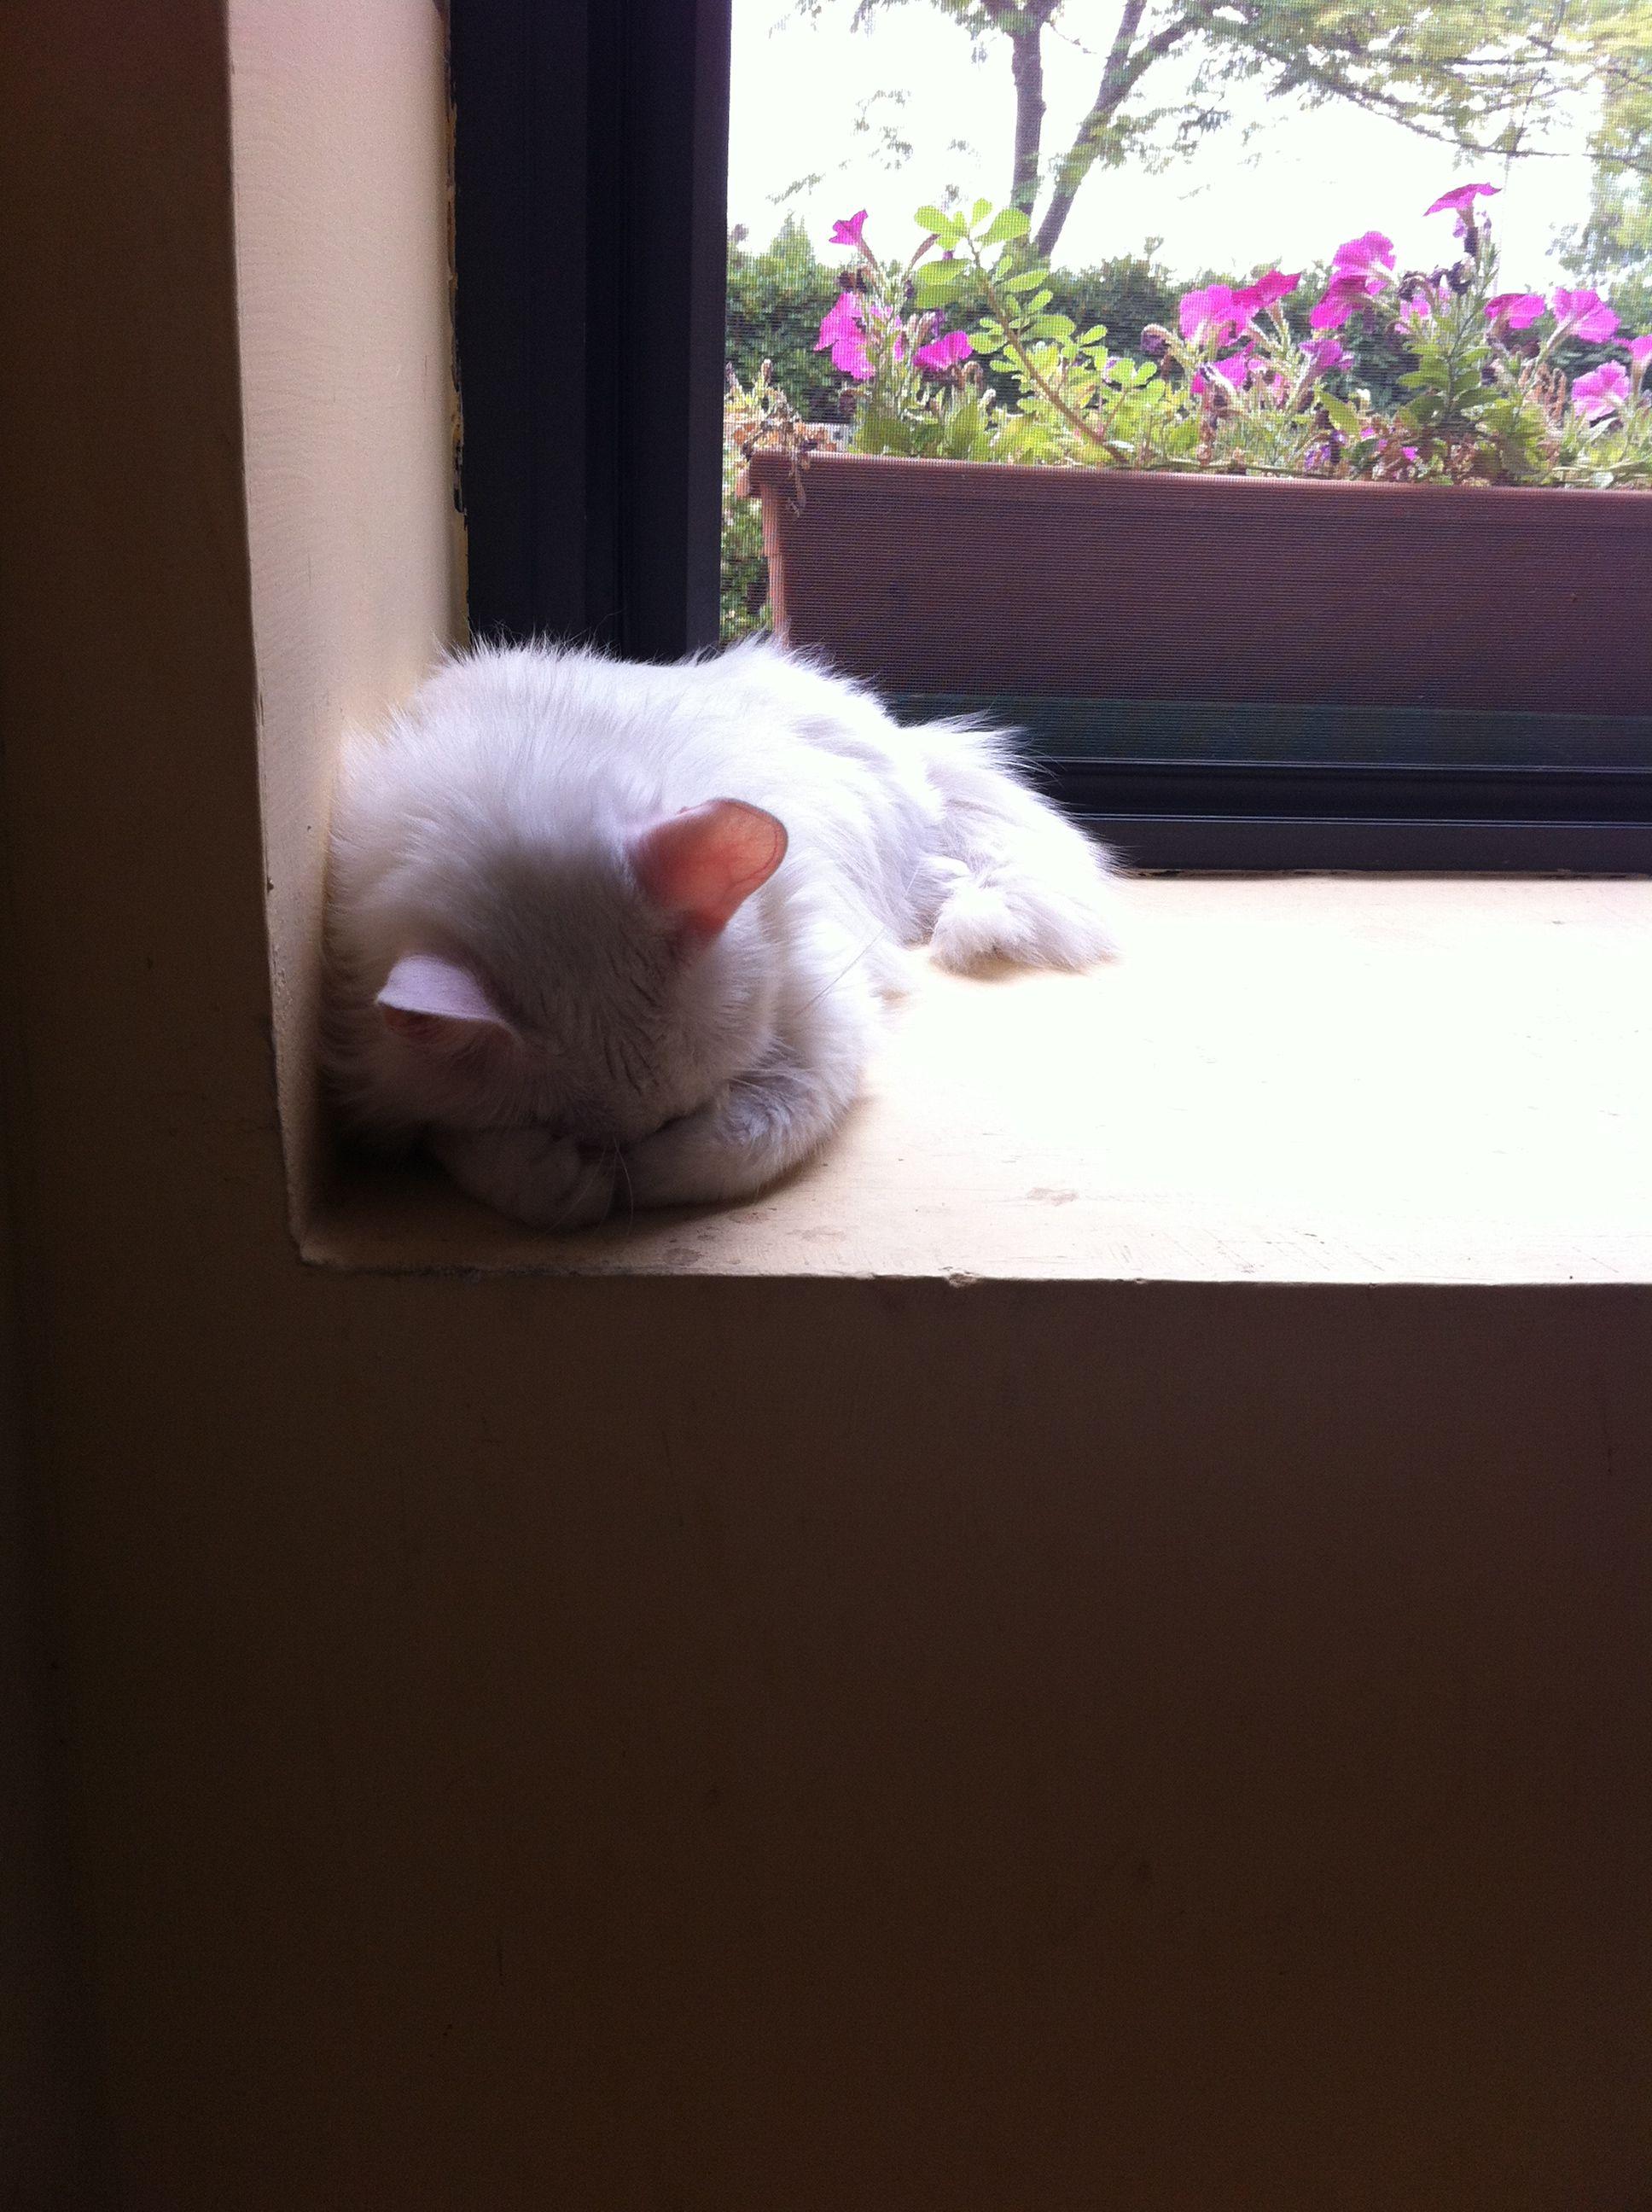 Gino the cat